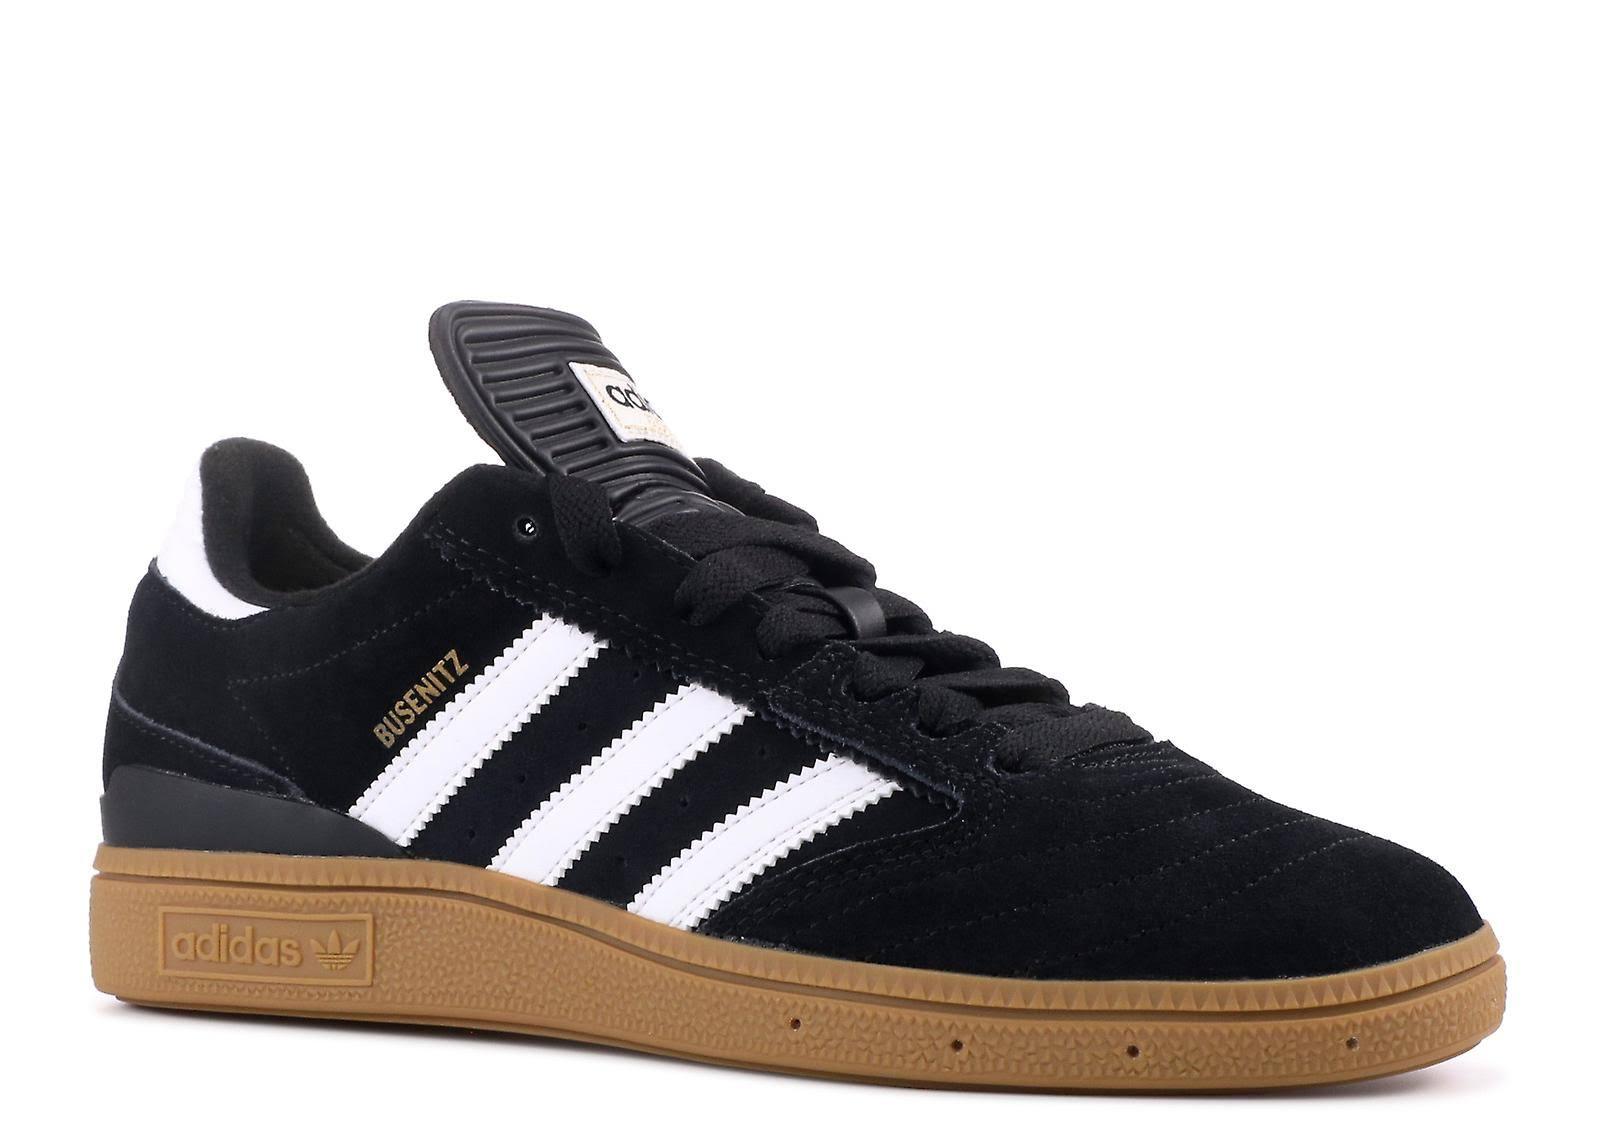 Adidas Busenitz Shoes - Black / Running White / Metallic Gold